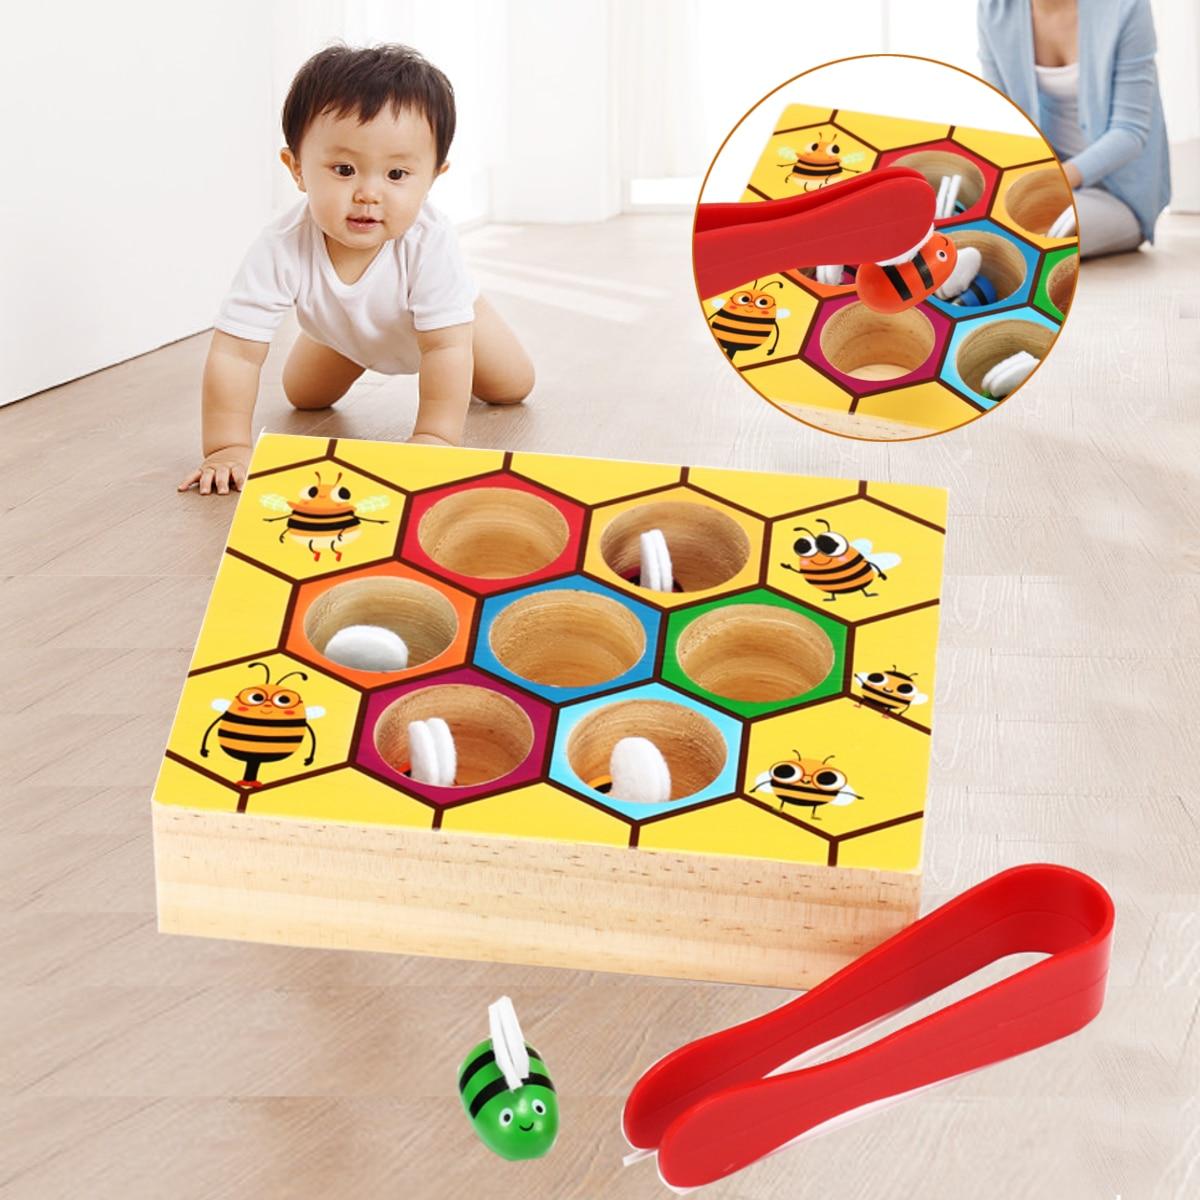 Juegos de colmena juguetes de madera Montessori bebé abejas pinza de recogida de memoria de entrenamiento par de matemáticas de educación temprana juguete interactivo Juguete de maquillaje para chico, juego de maquillaje para chico, juego de maquillaje seguro y no tóxico, juguete para niñas, bolsa de viaje, bolsa de belleza